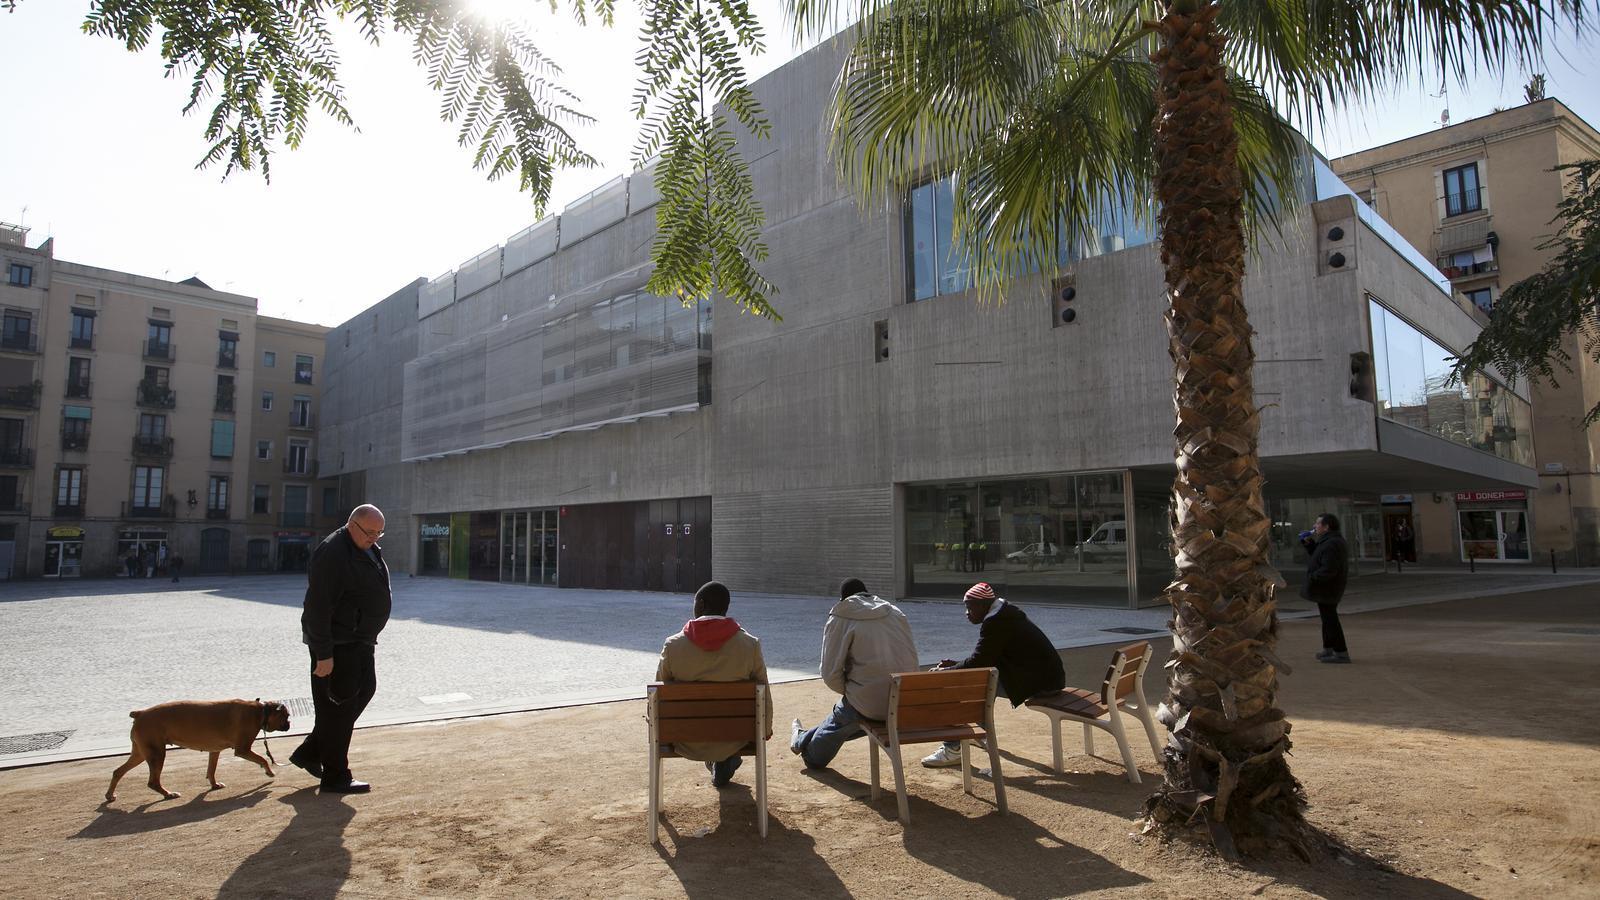 La falta de col·laboració entre la Generalitat i l'Ajuntament impedeix obrir la Filmoteca